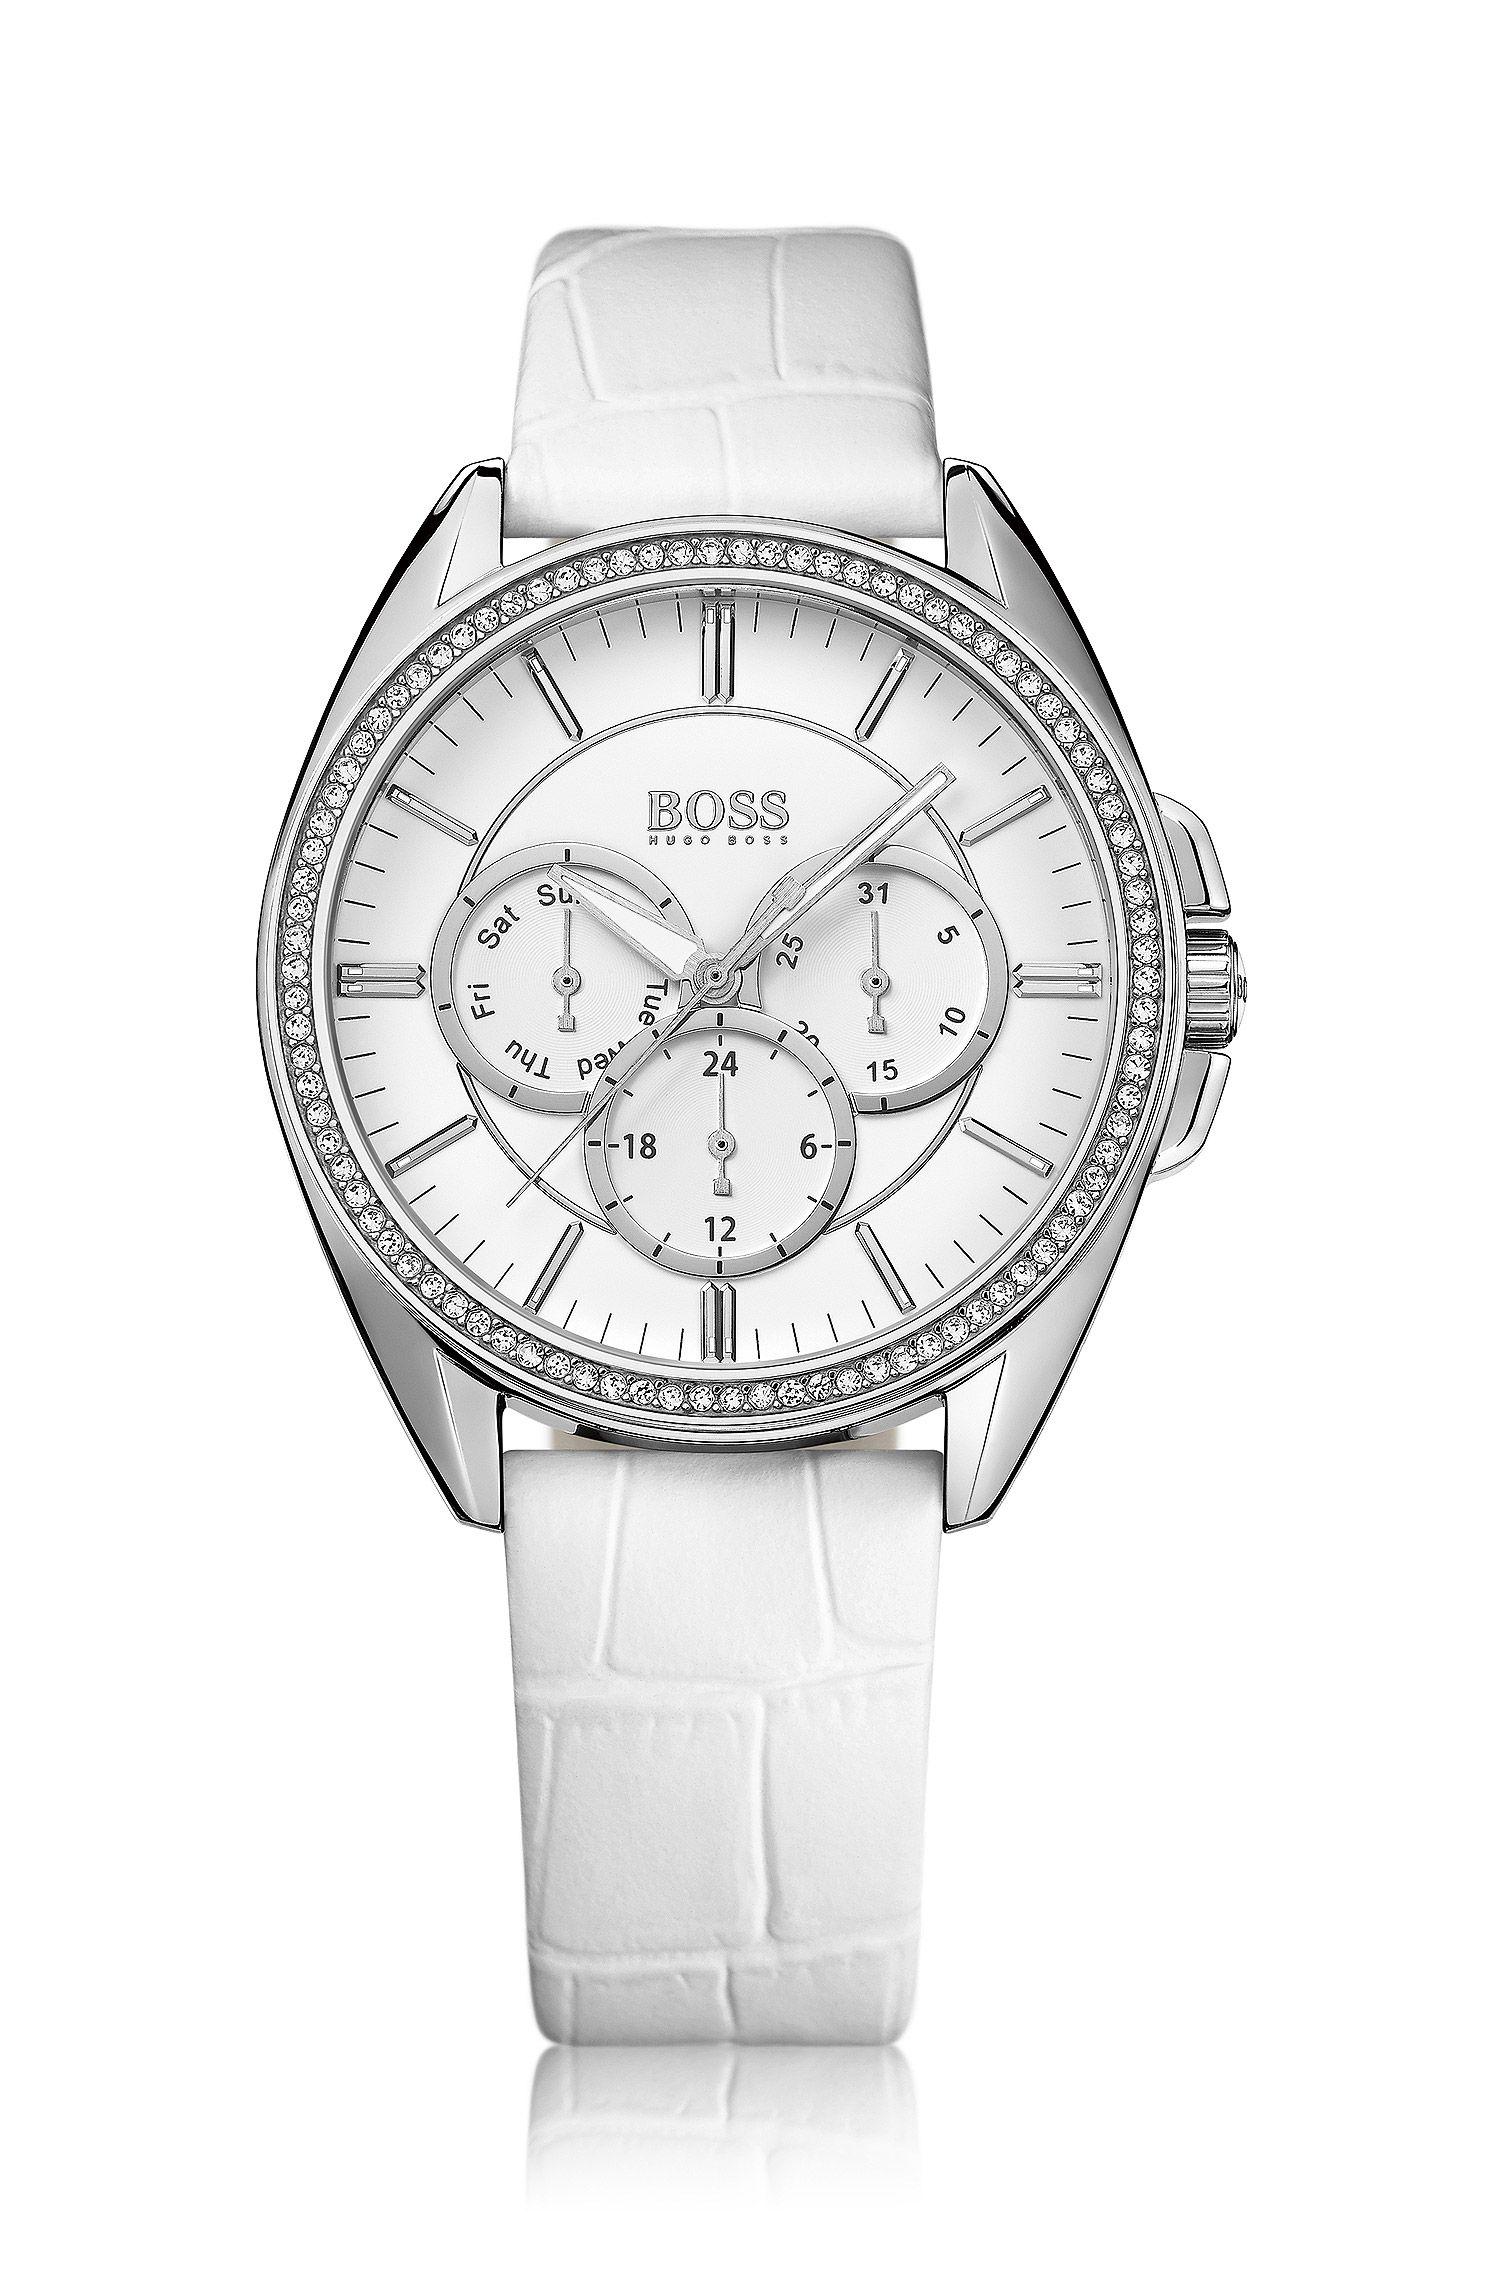 Montre-bracelet «HB6037», bracelet en cuir finition croco